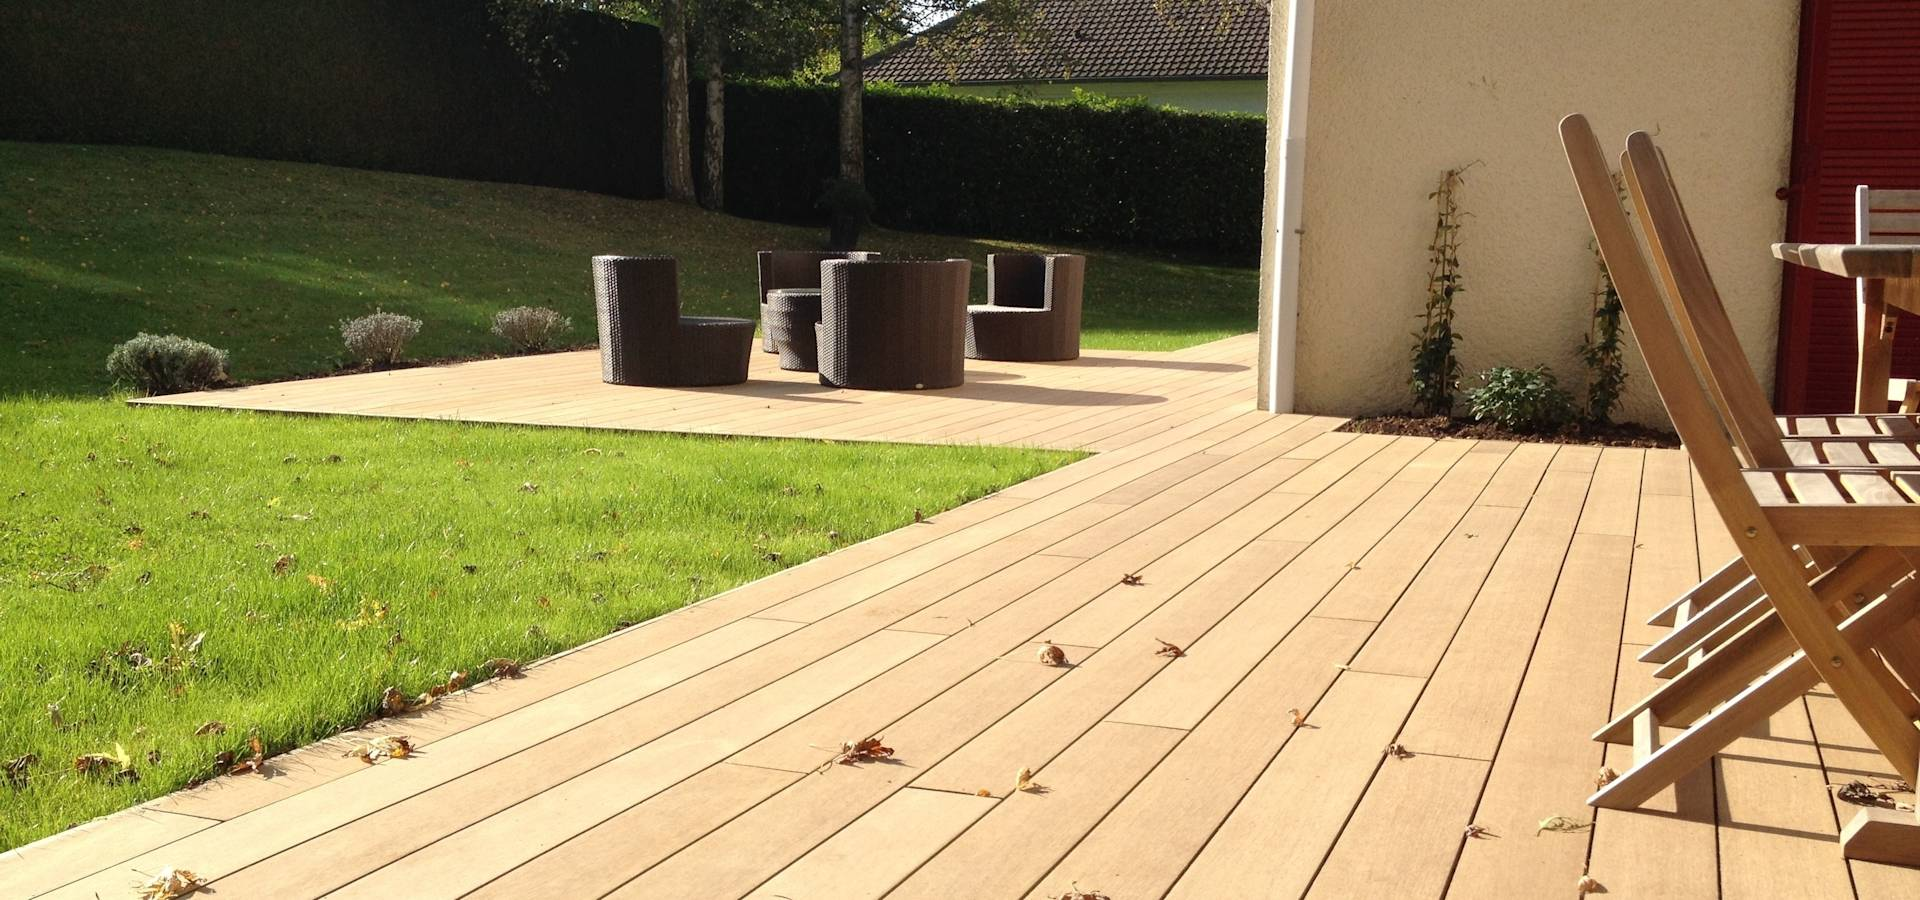 terrasse bois par deco paysage homify. Black Bedroom Furniture Sets. Home Design Ideas